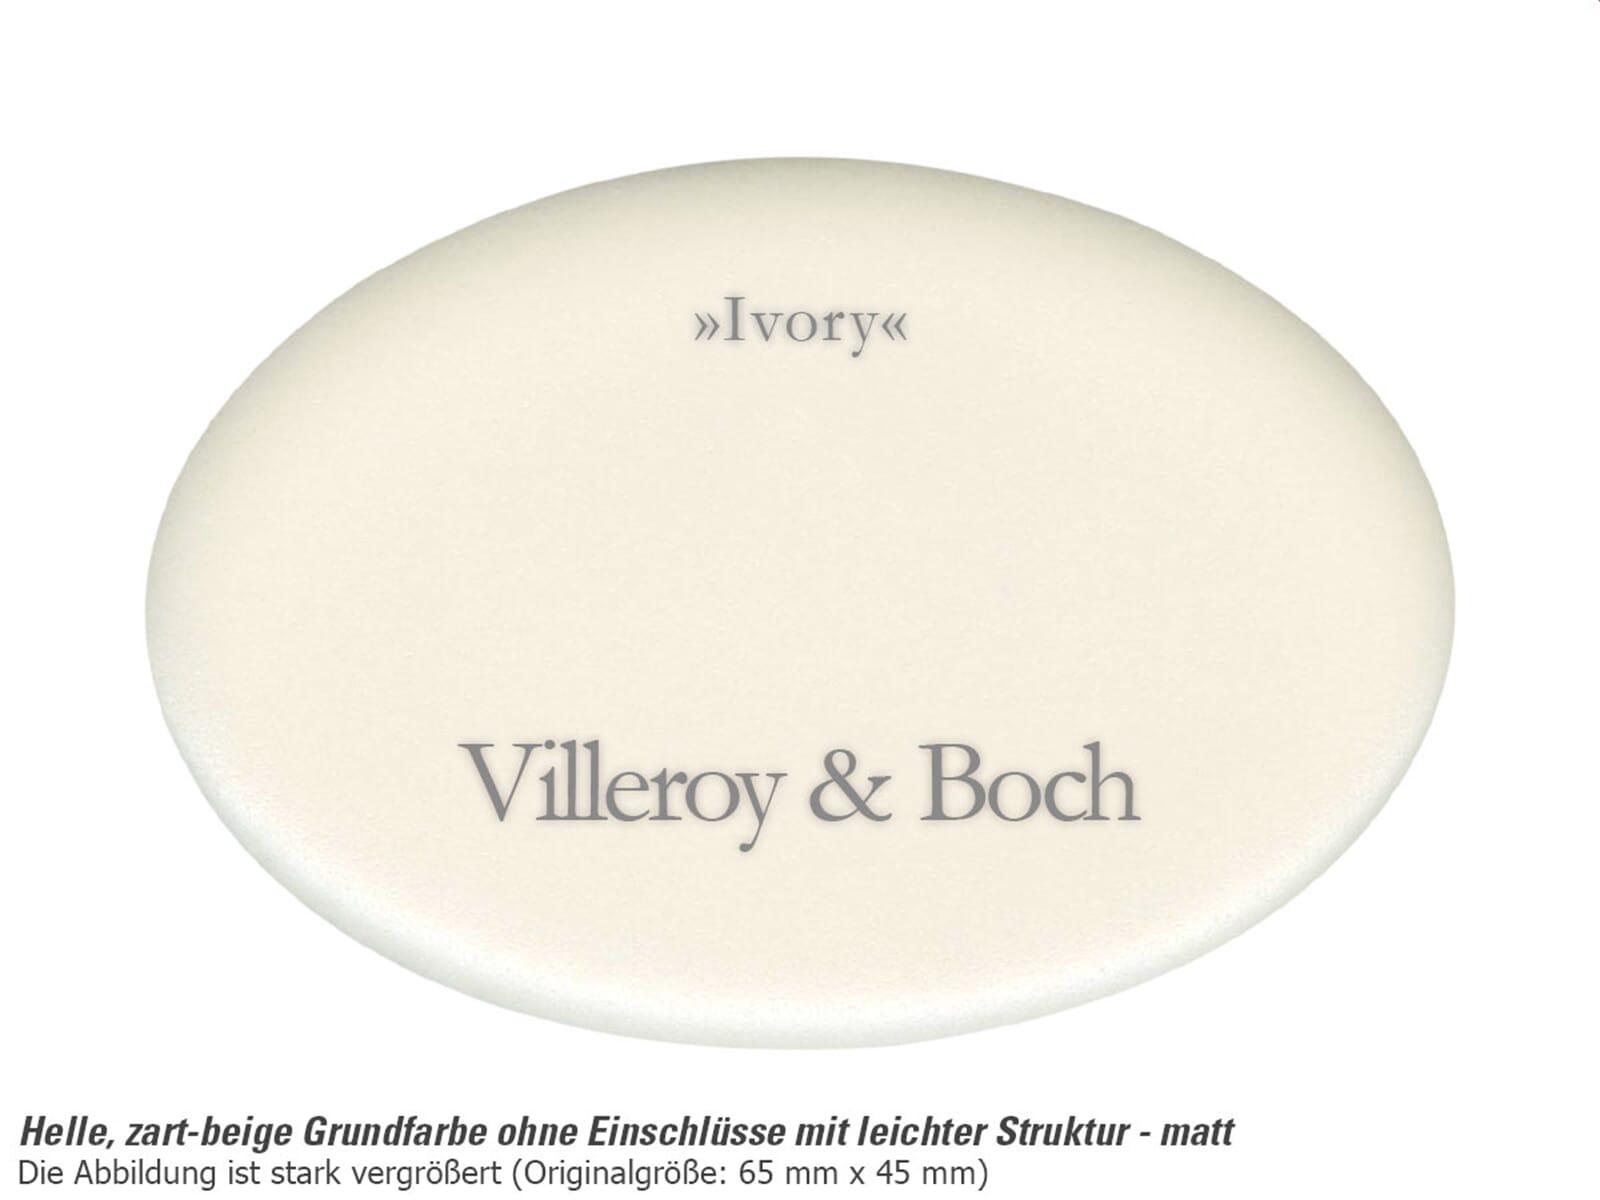 Villeroy & Boch Subway 60 XR Ivory - 6721 01 FU Keramikspüle Handbetätigung